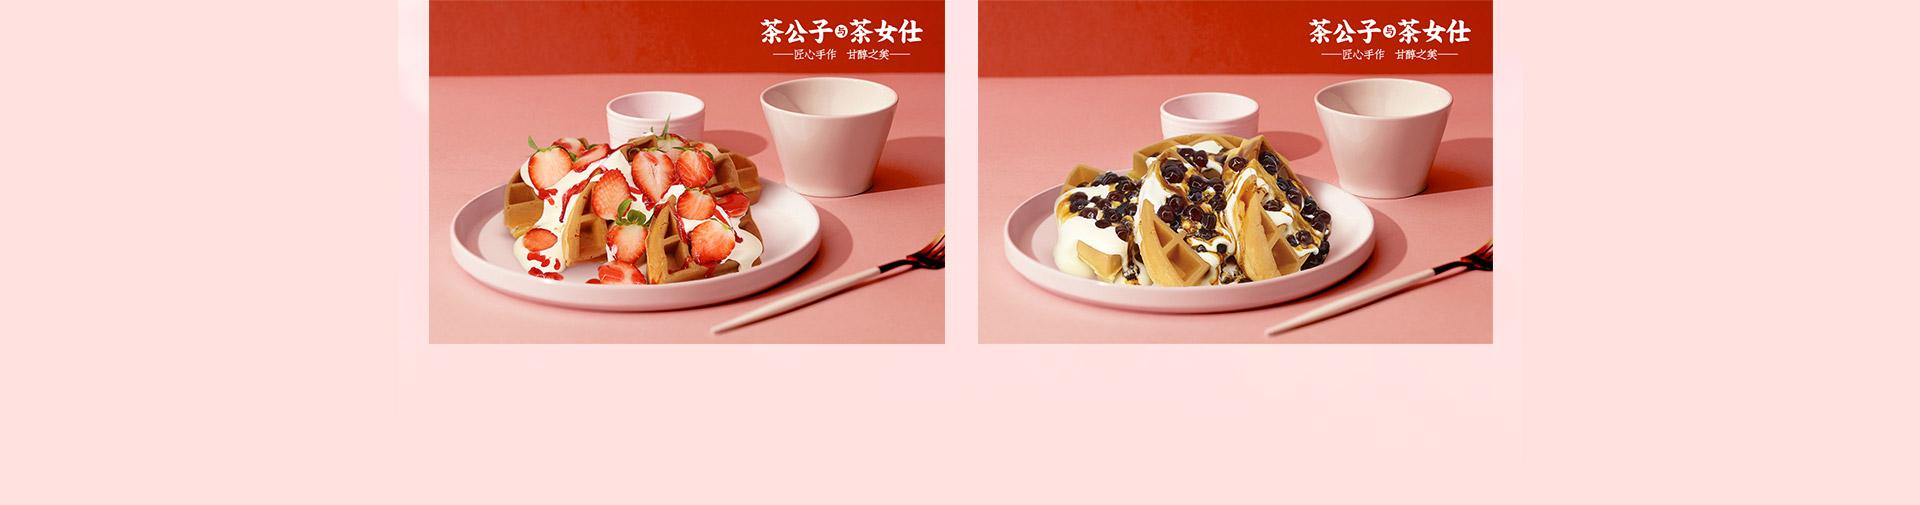 草莓松饼,蜜豆松饼